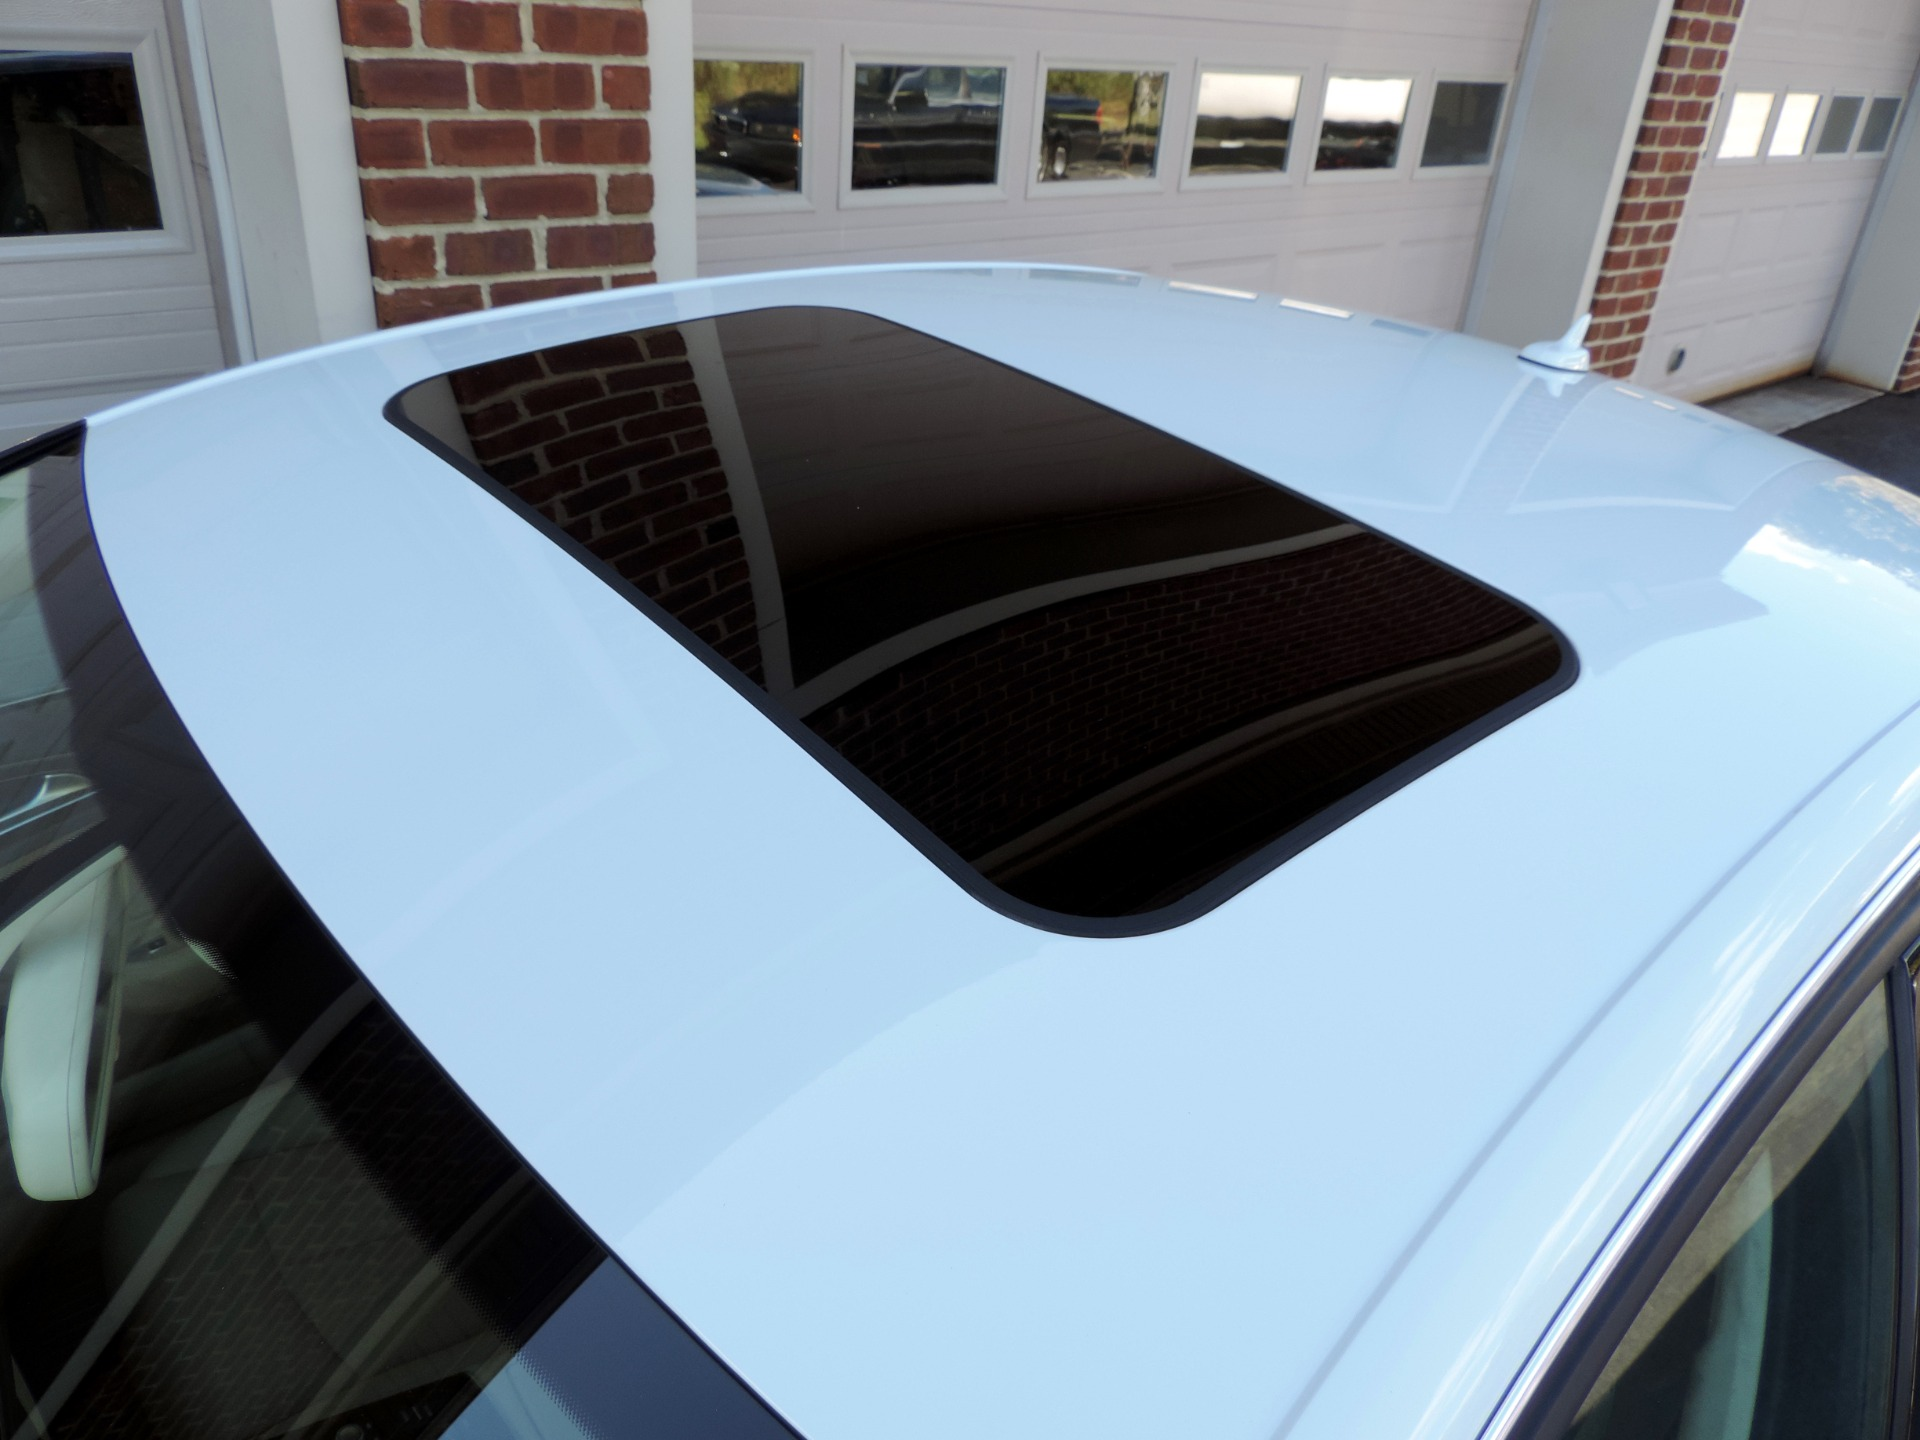 2014 Audi A6 3 0T quattro Prestige Stock # 123115 for sale